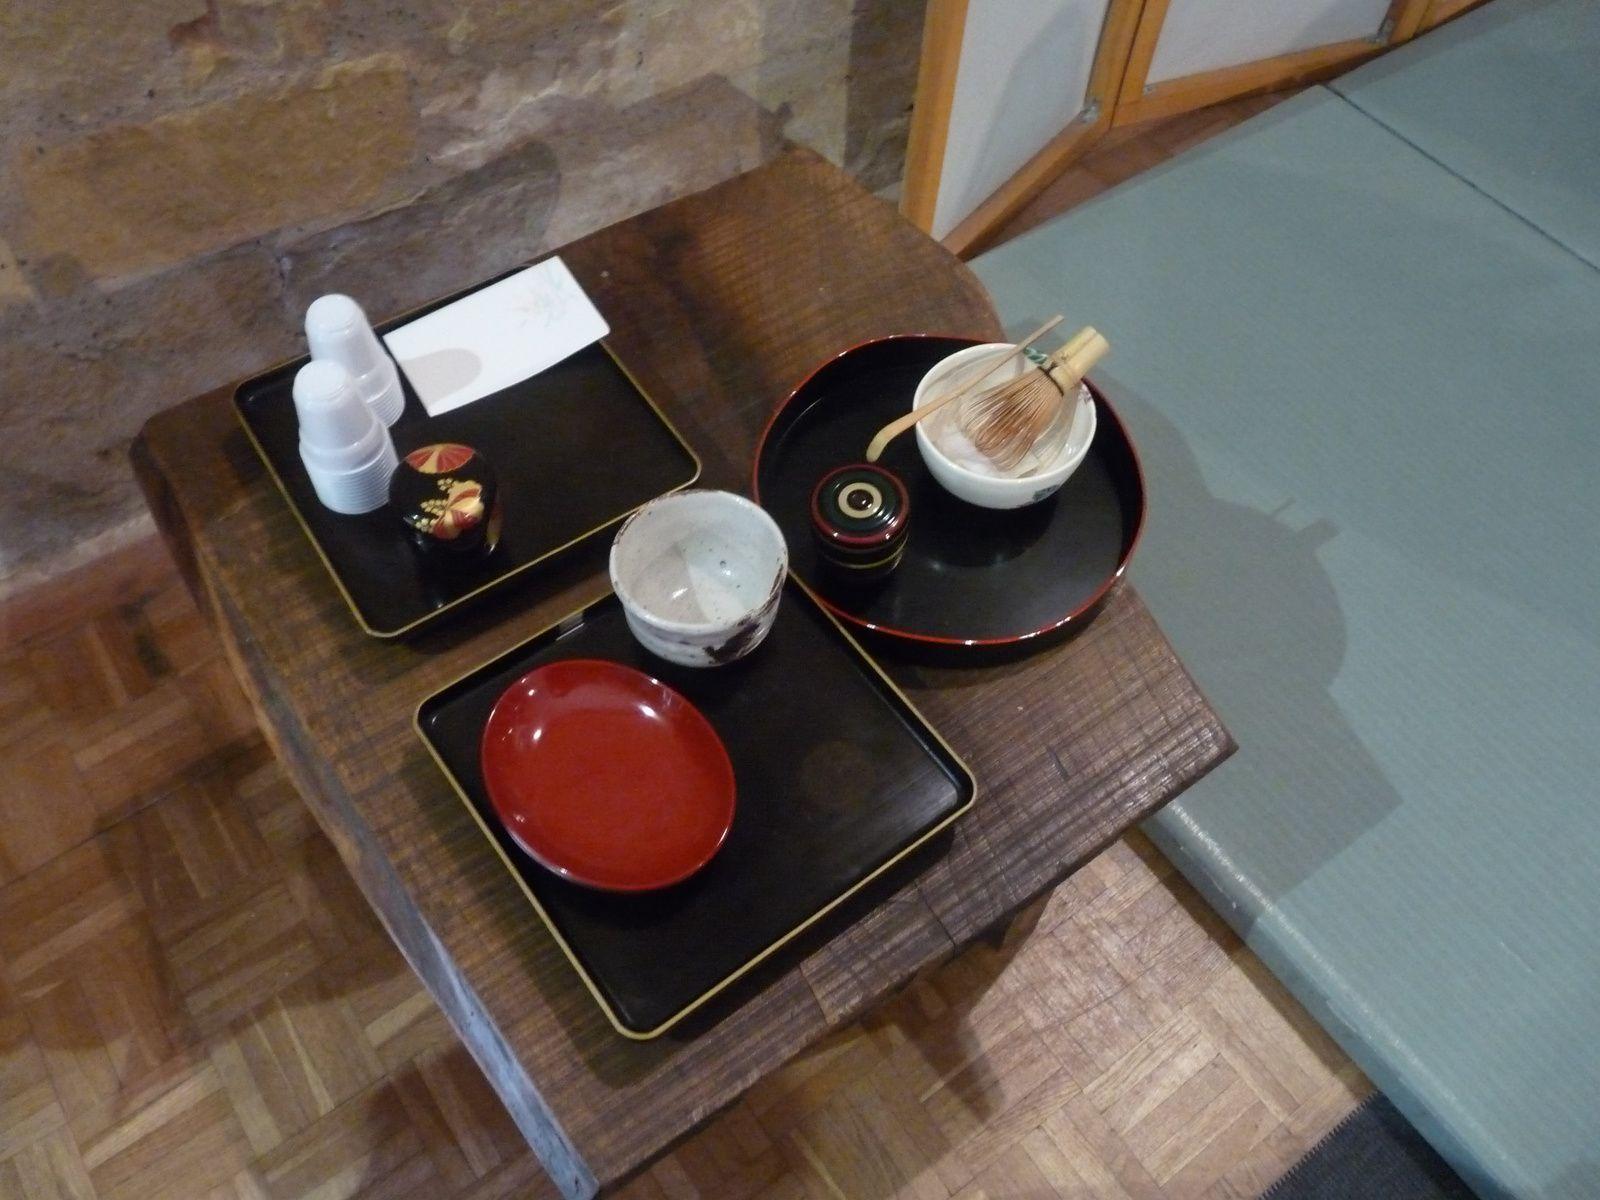 cérémonie du thé: préparation du thé matcha et atelier cuisine